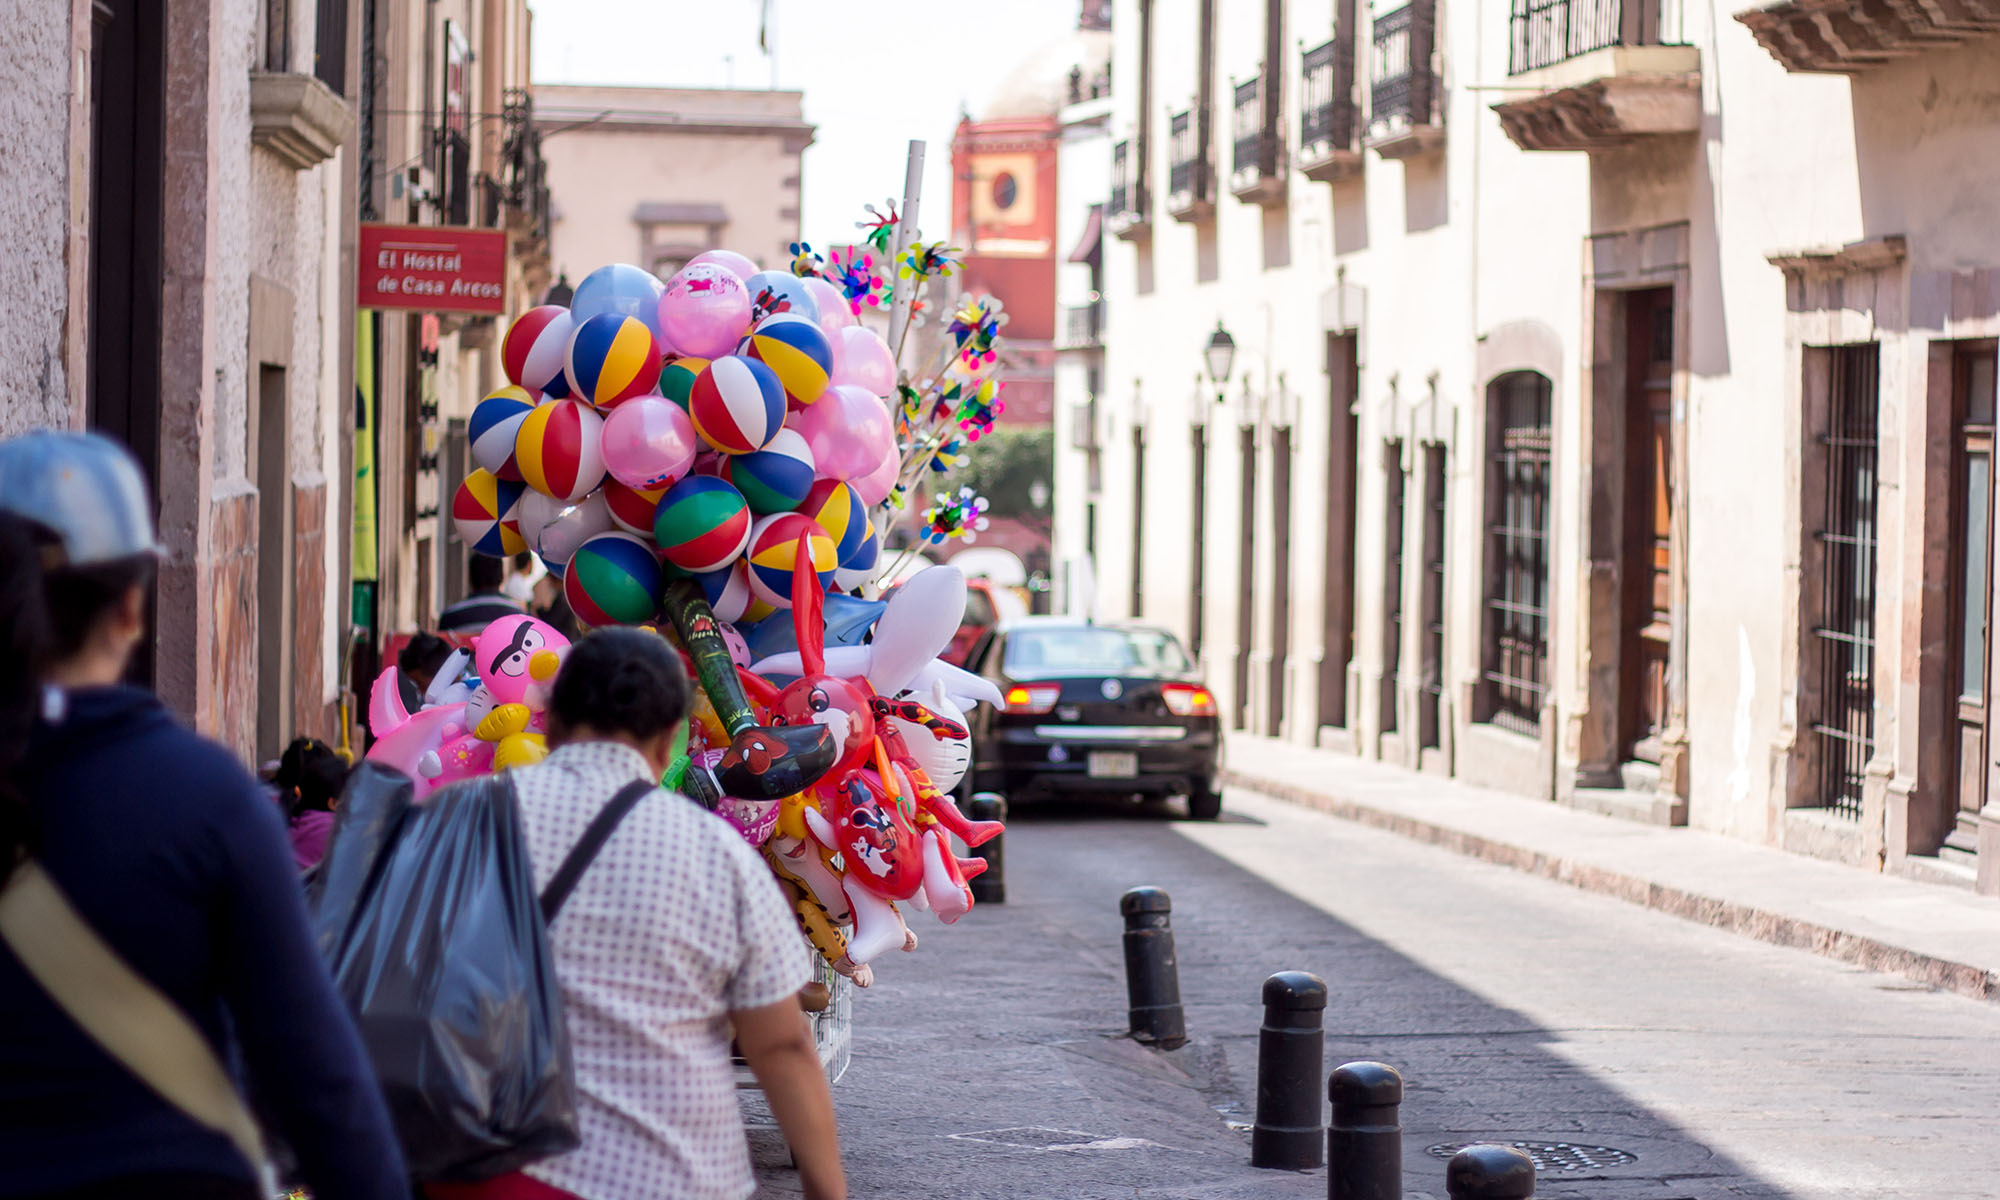 A street vendor moves merchandise along a sidewalk near the city center of Santiago de Querétaro in Mexico.